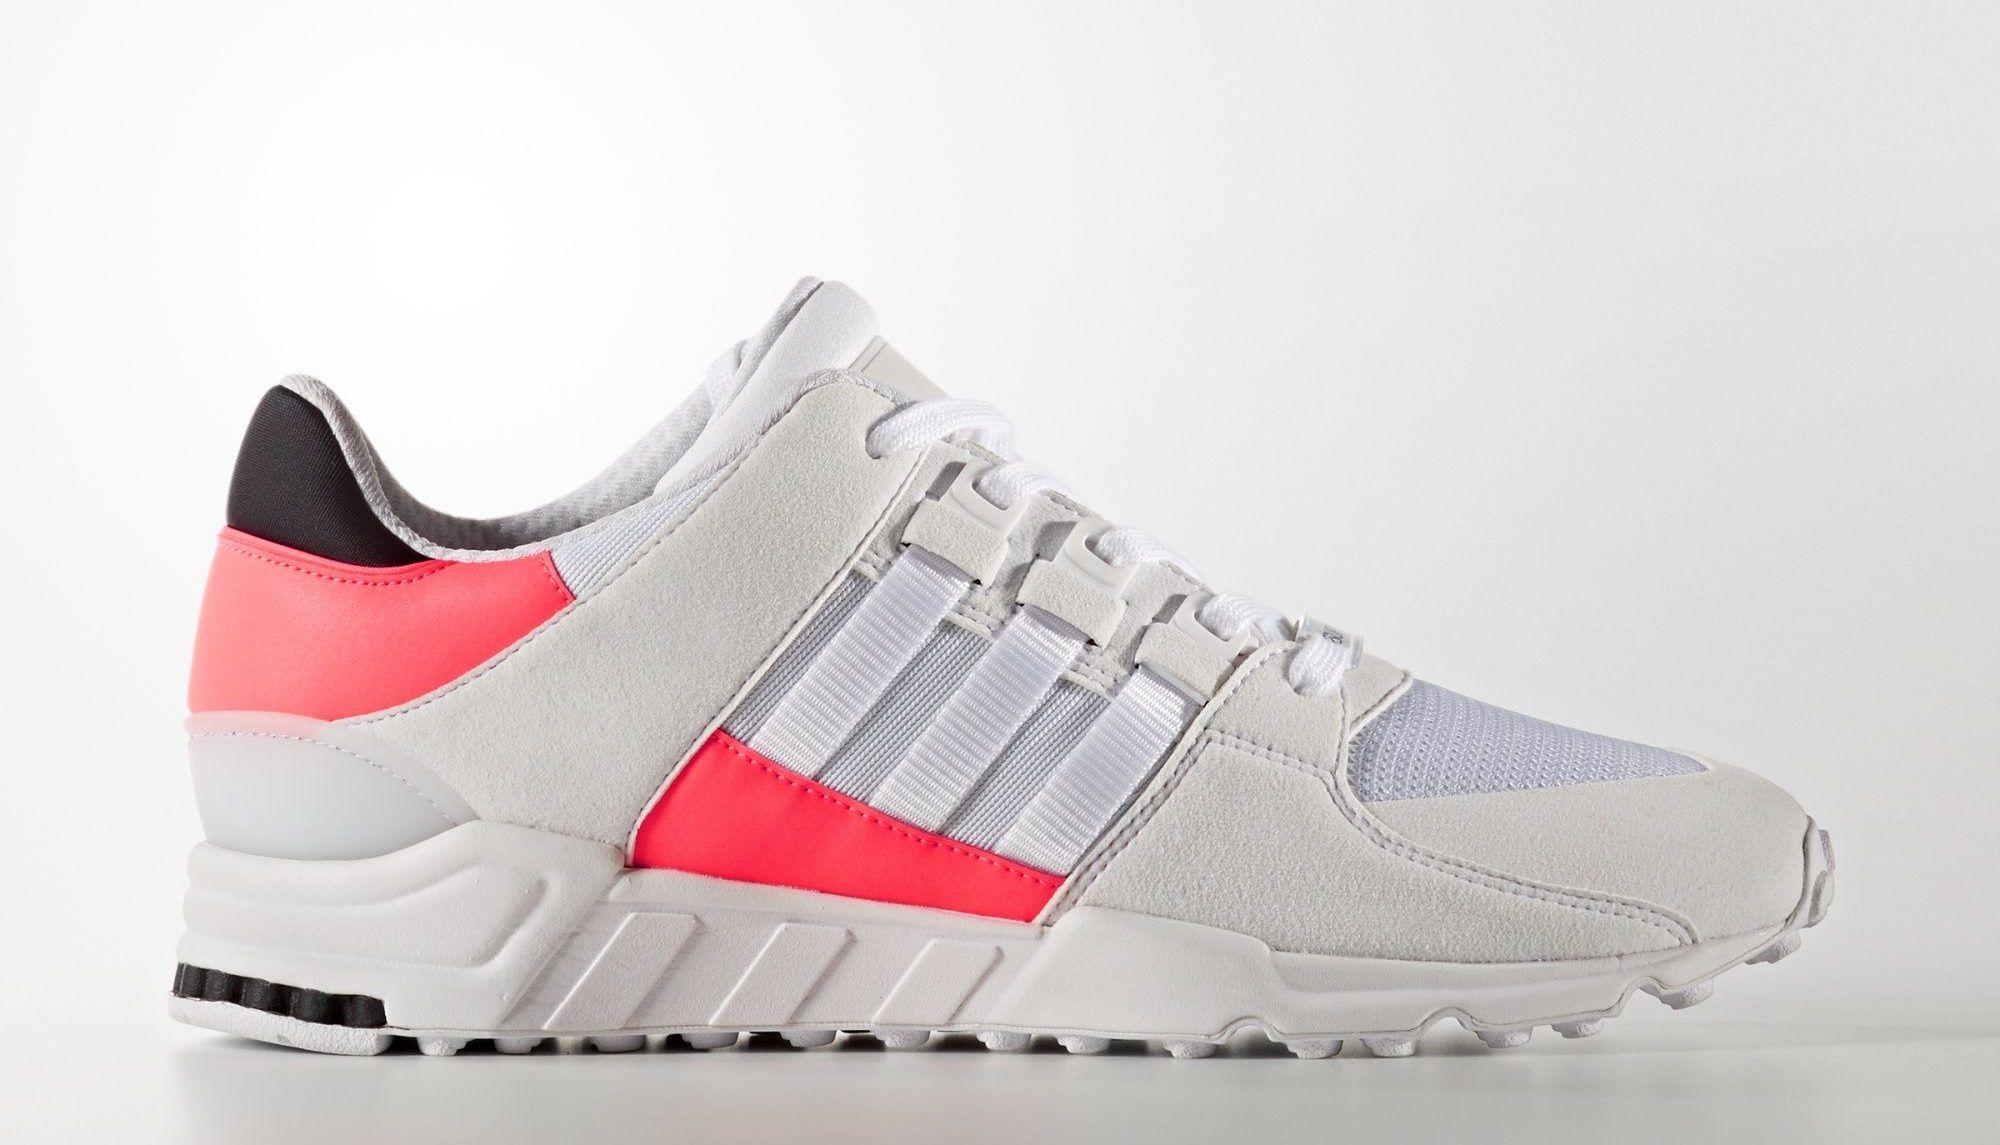 adidas eqt sostegno delle scarpe adidas e getta [rilascio.